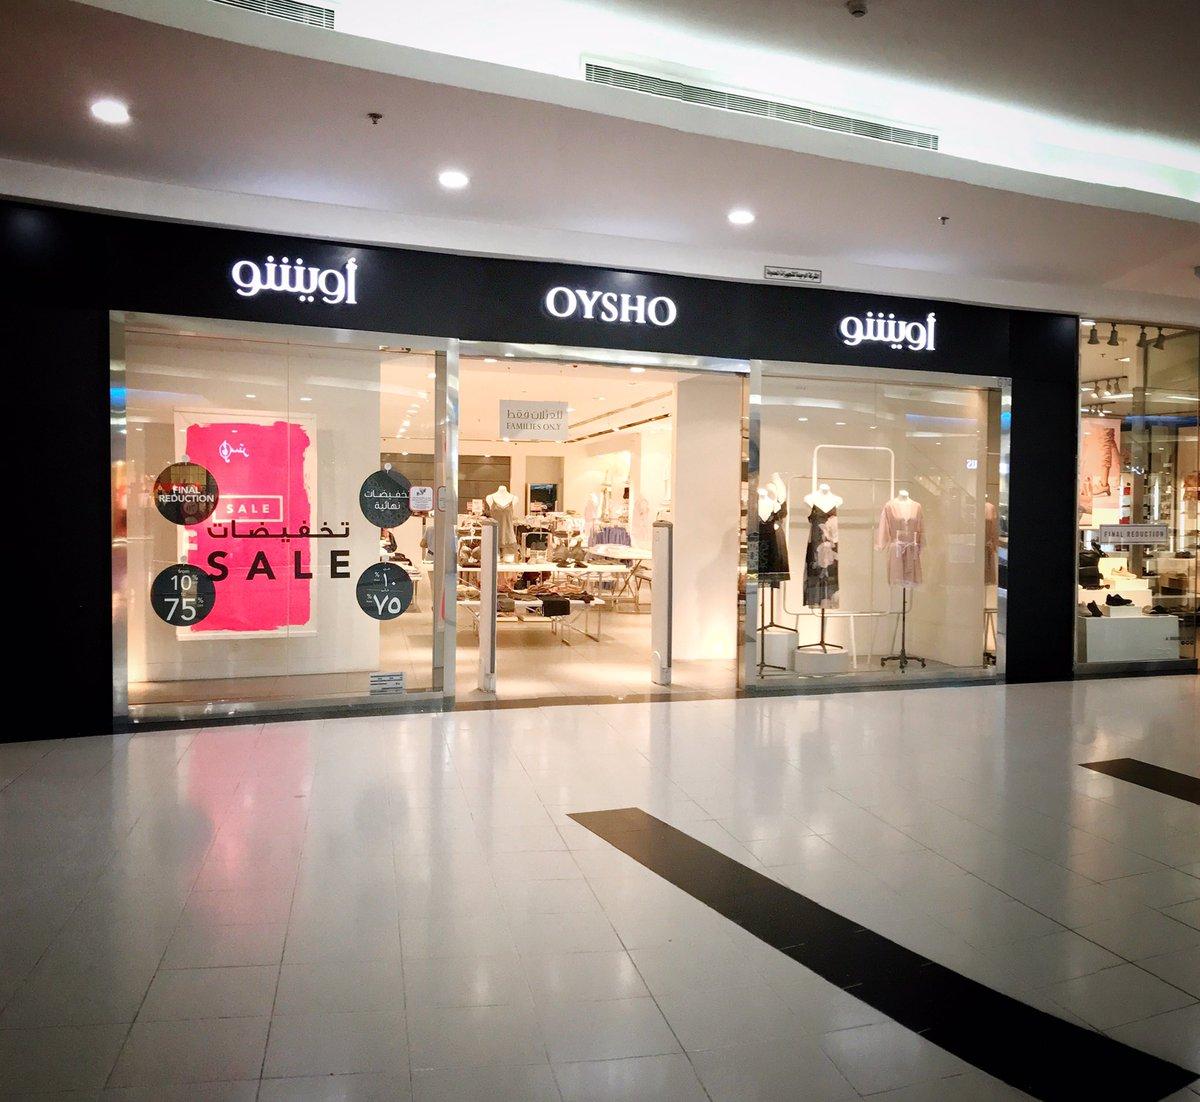 الرياض جاليري On Twitter تخفيضات تصل إلى 75 لدى معرض أويشو الرياض جاليري الطابق الأرضي